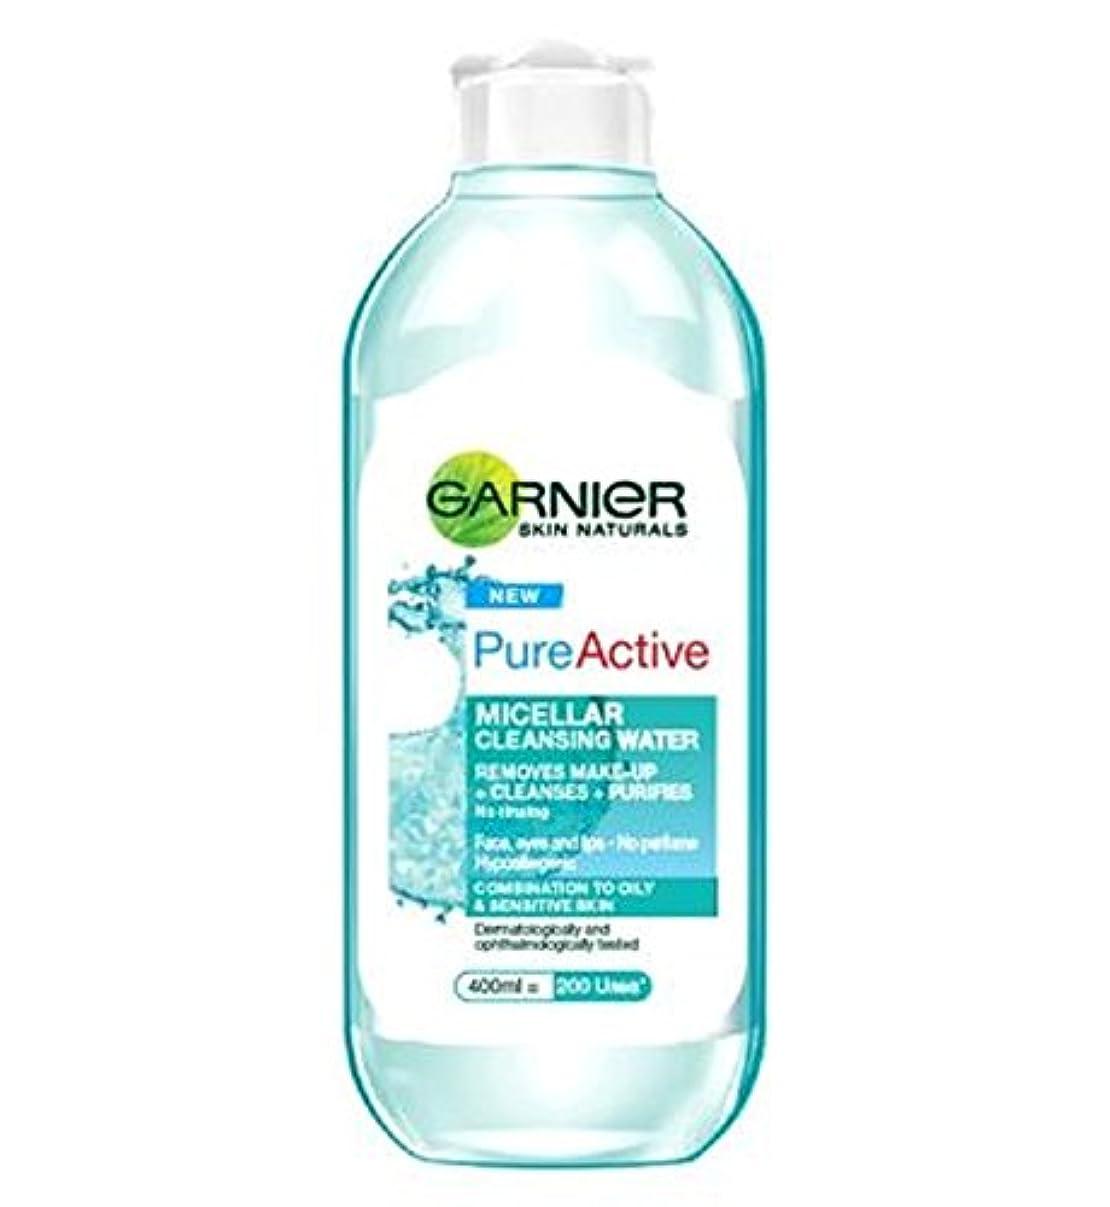 七時半密輸高音ガルニエ純粋なミセル洗浄水400ミリリットル (Garnier) (x2) - Garnier Pure Micellar Cleansing Water 400ml (Pack of 2) [並行輸入品]